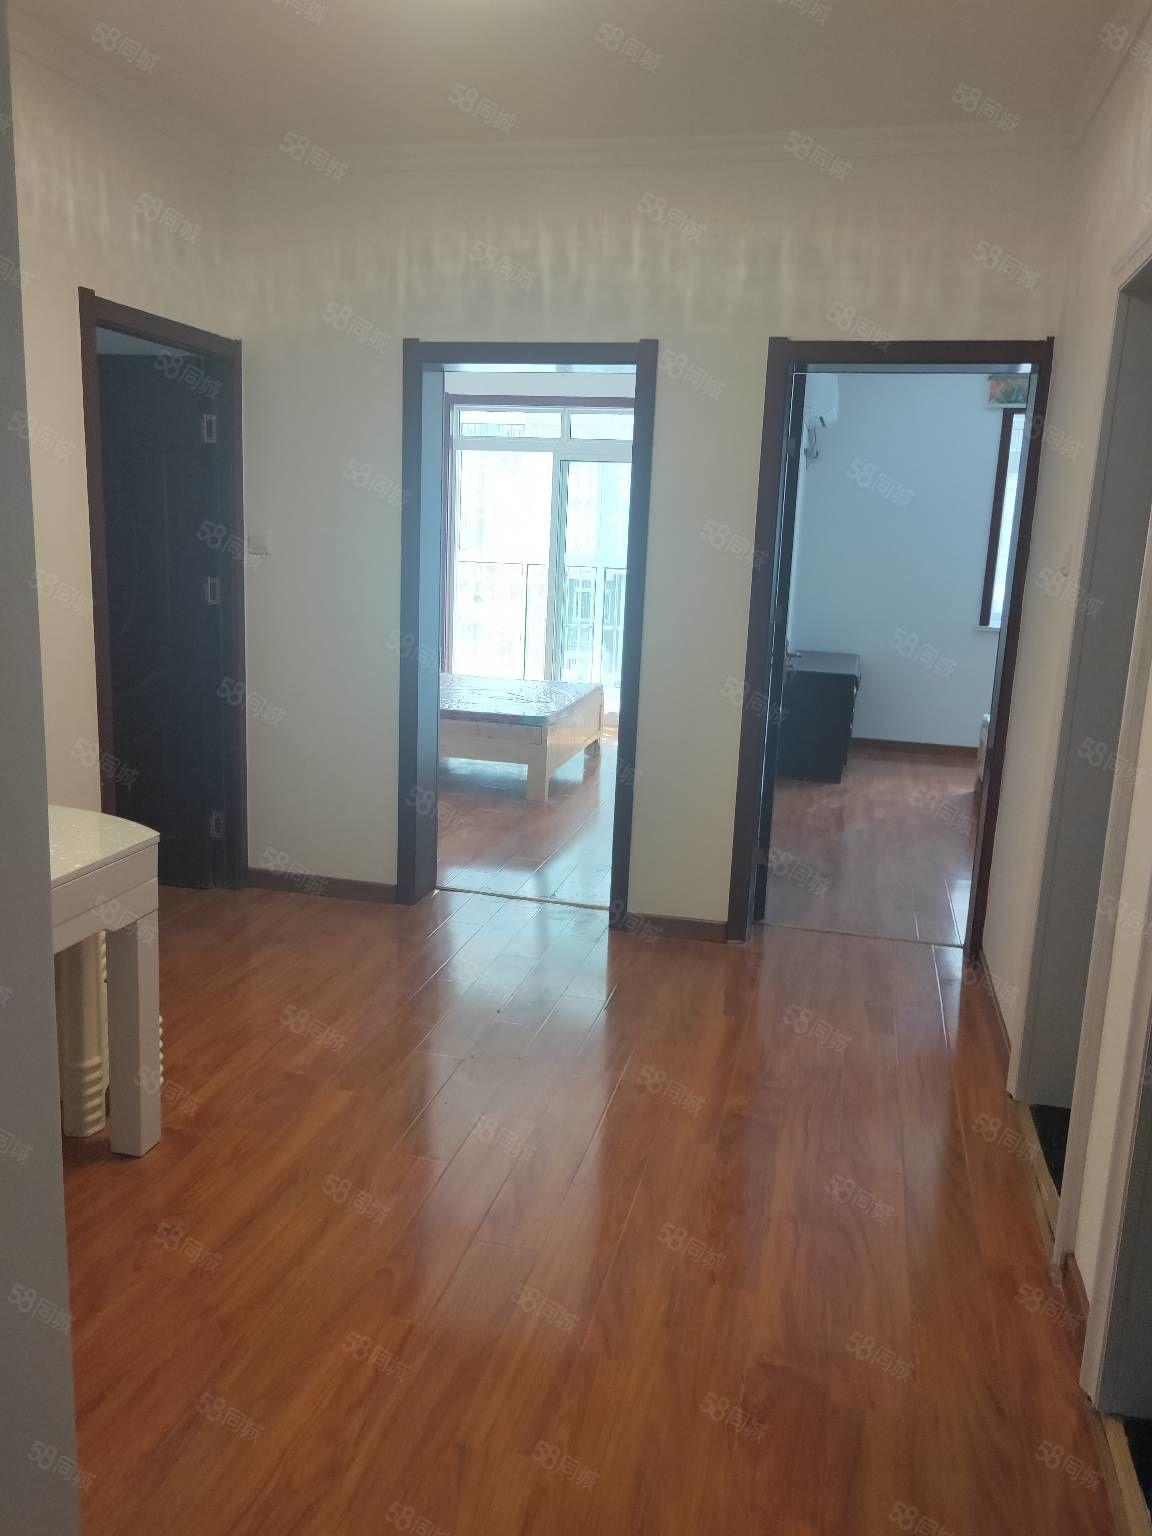 林楼小区精装全配.拎包入住3室1厅环境好看房方便